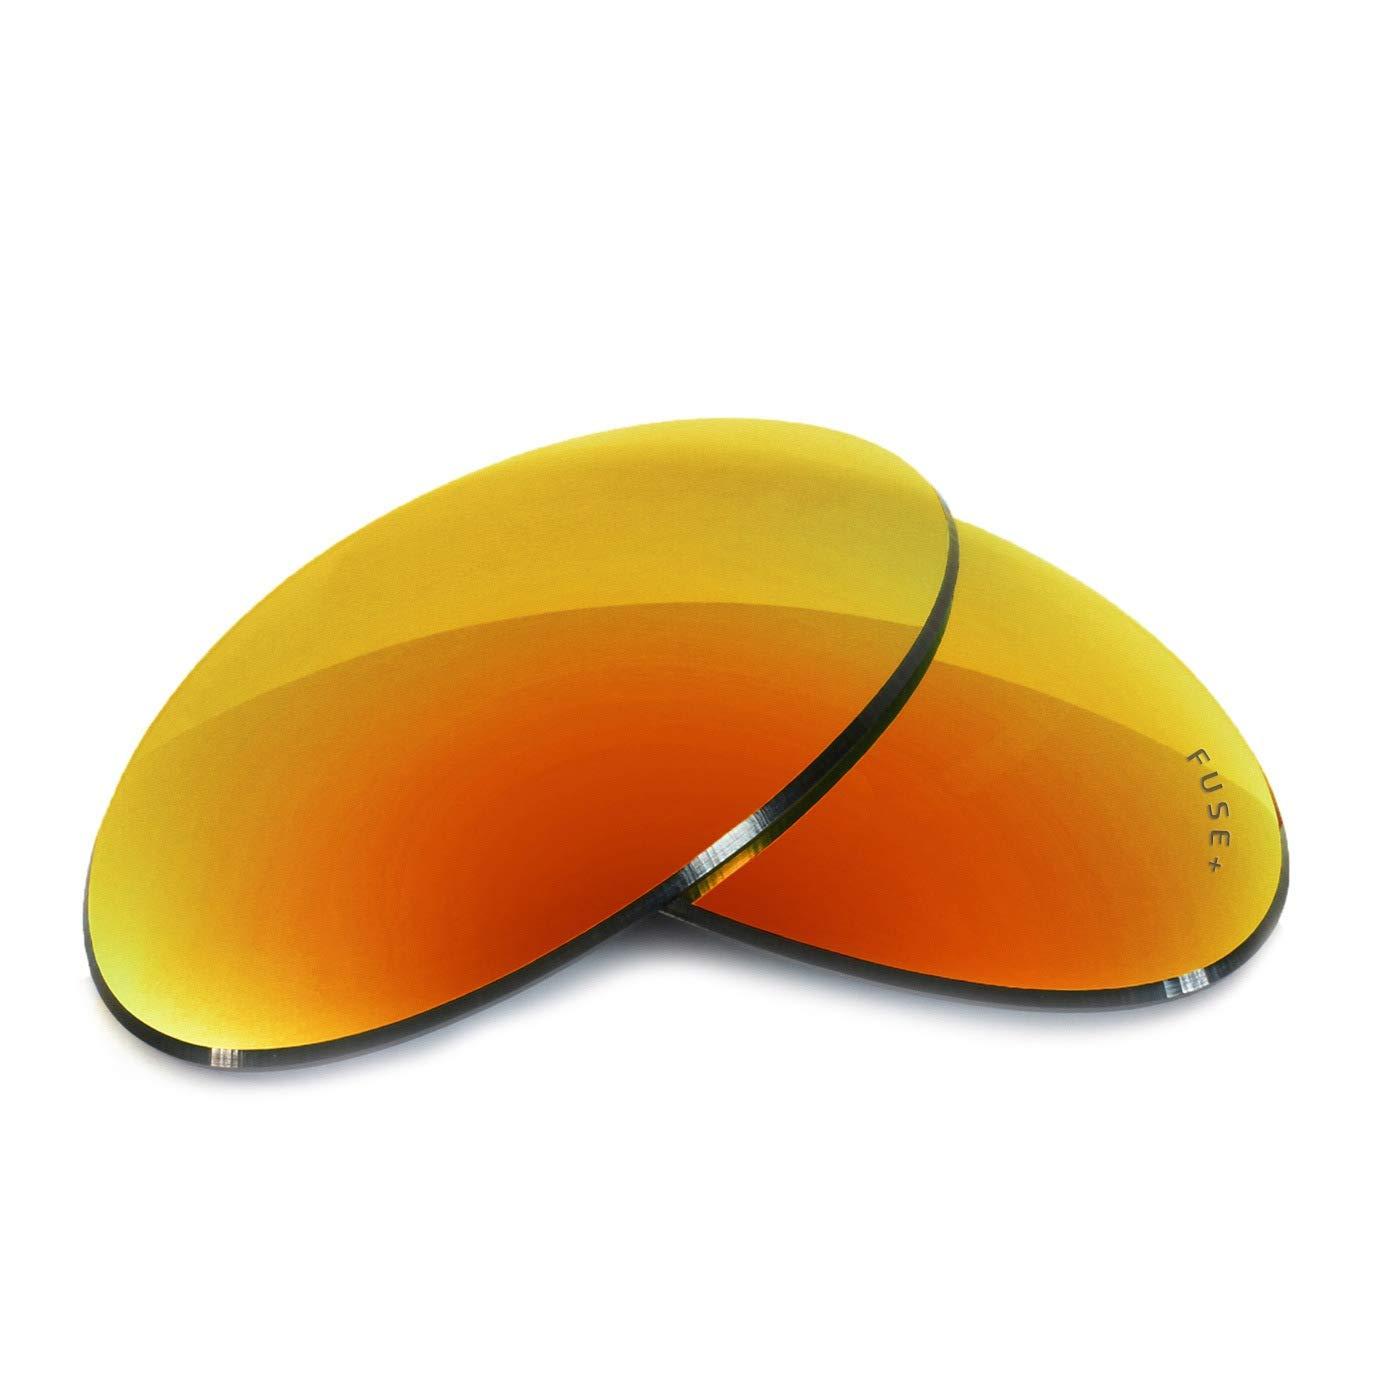 Plus Replacement Lenses for Bvlgari 855 Fuse Lenses Fuse